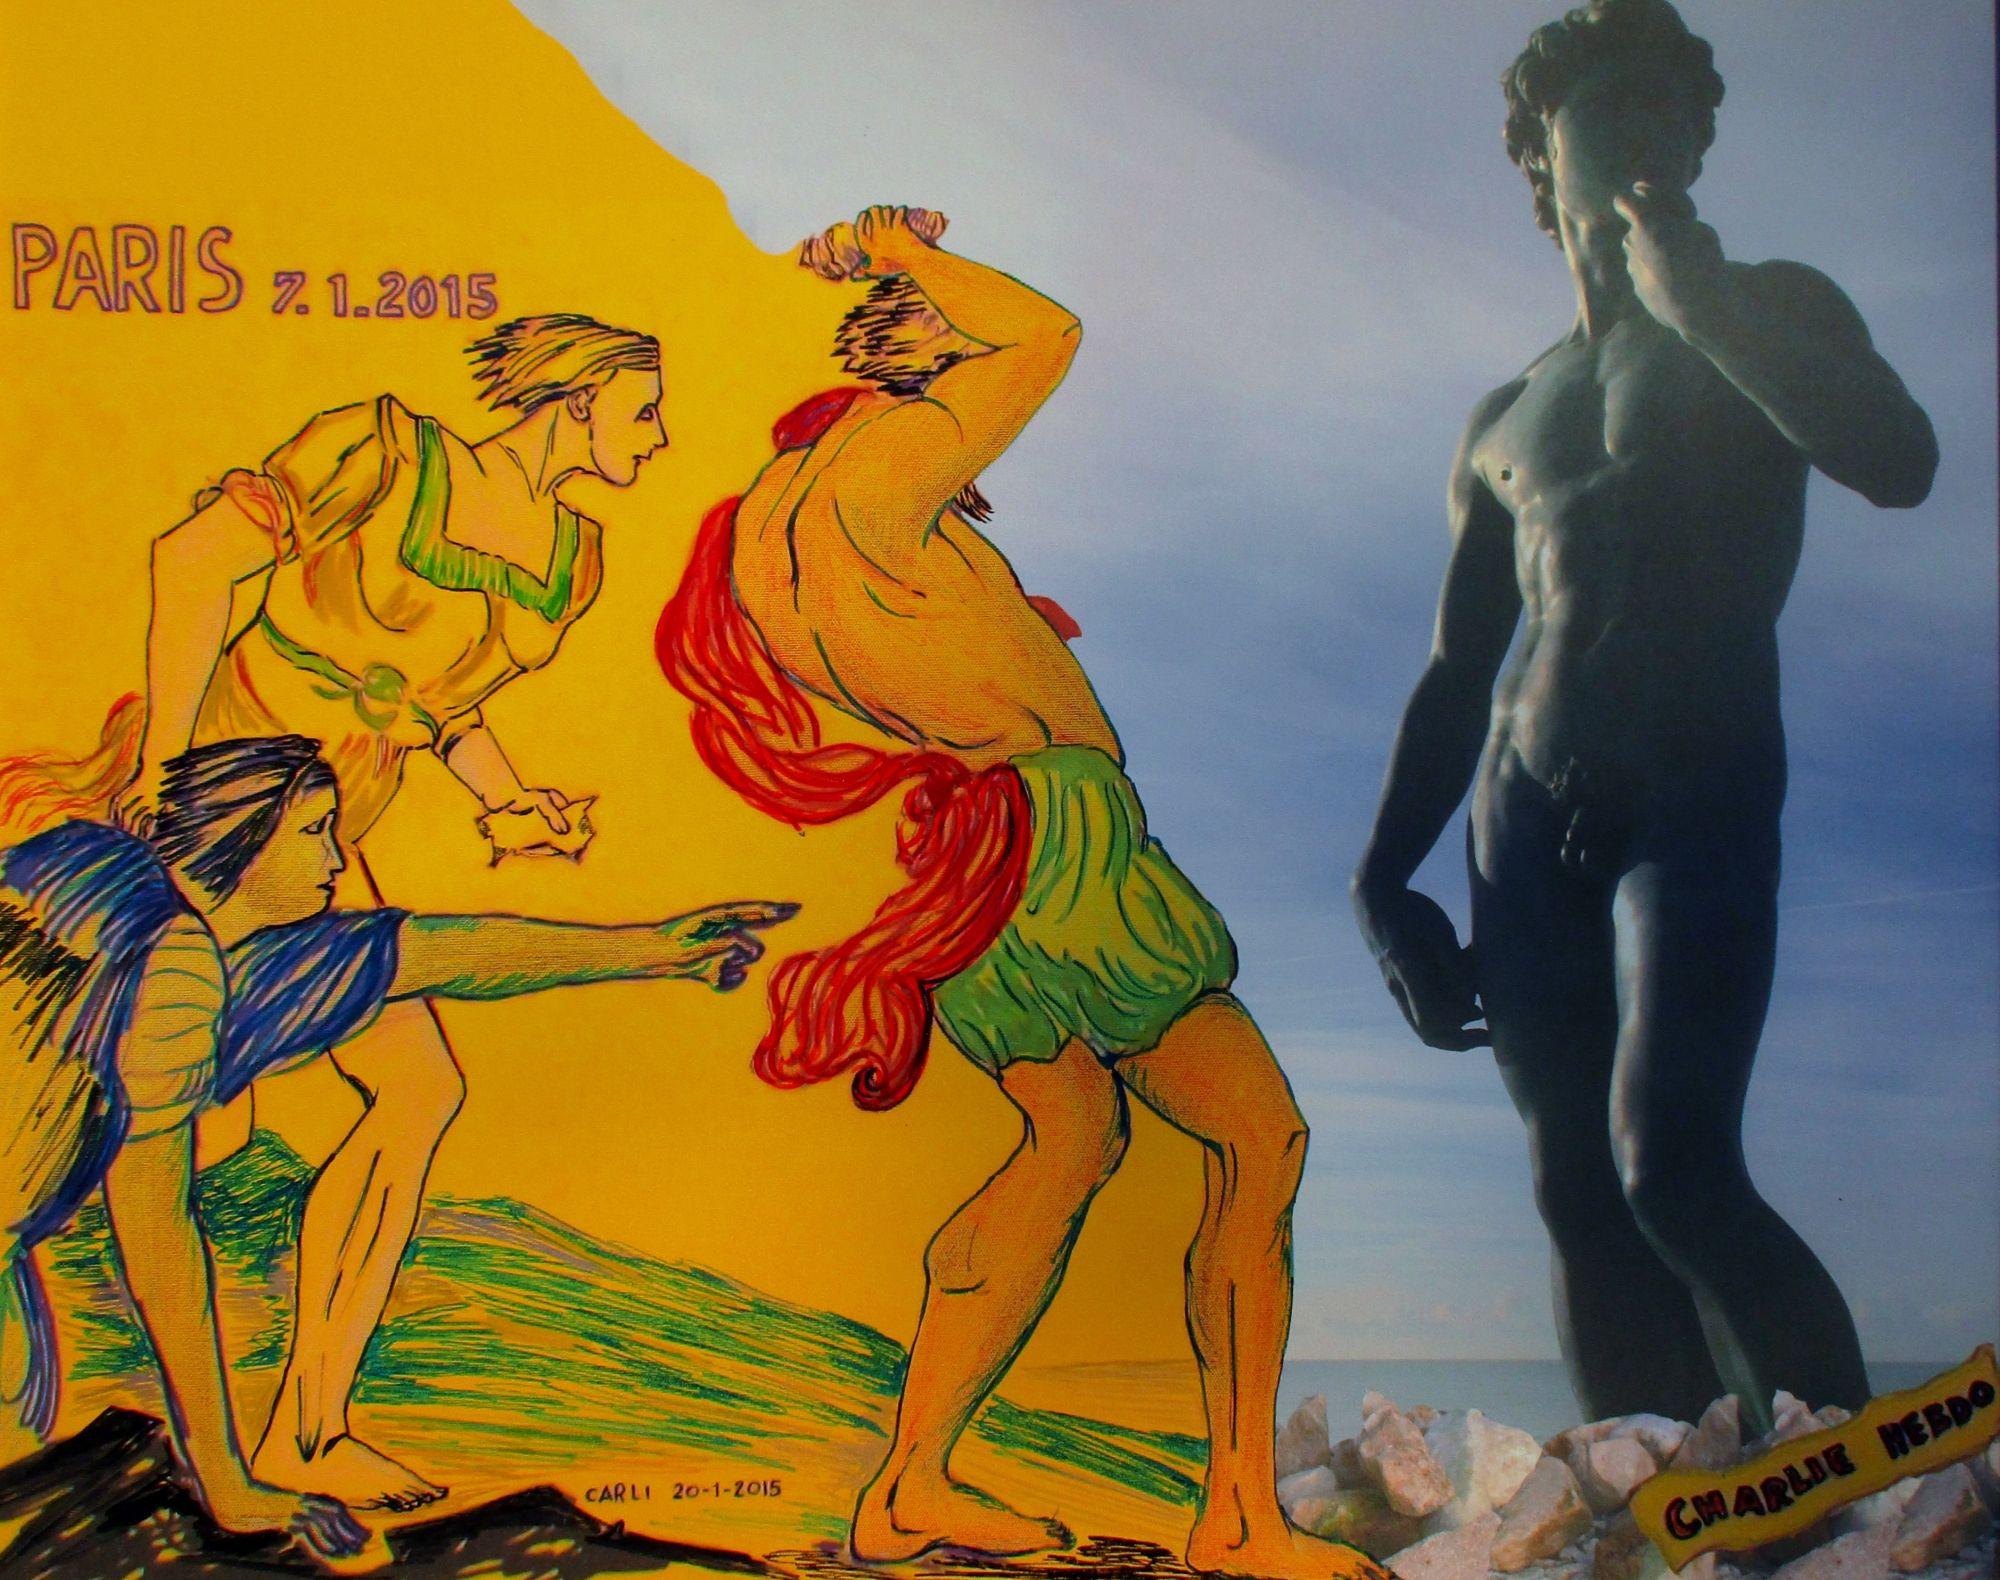 Omaggio alla strage Charlie Hebdo nell'opera di Carlo Carli donata a Forte dei Marmi